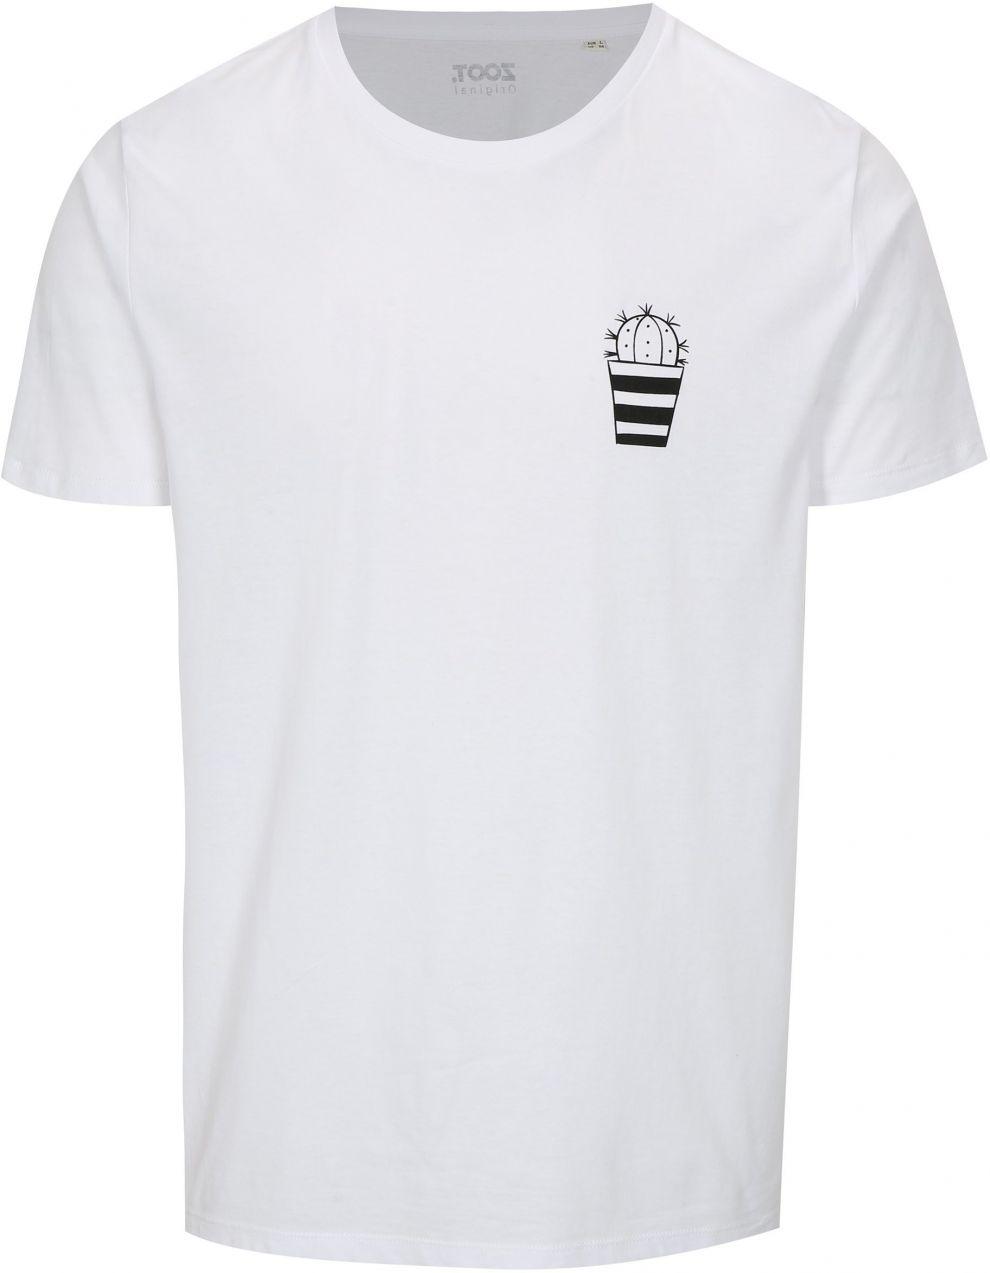 966489d18608d Biele pánske tričko ZOOT Original Kaktus značky ZOOT Originál - Lovely.sk